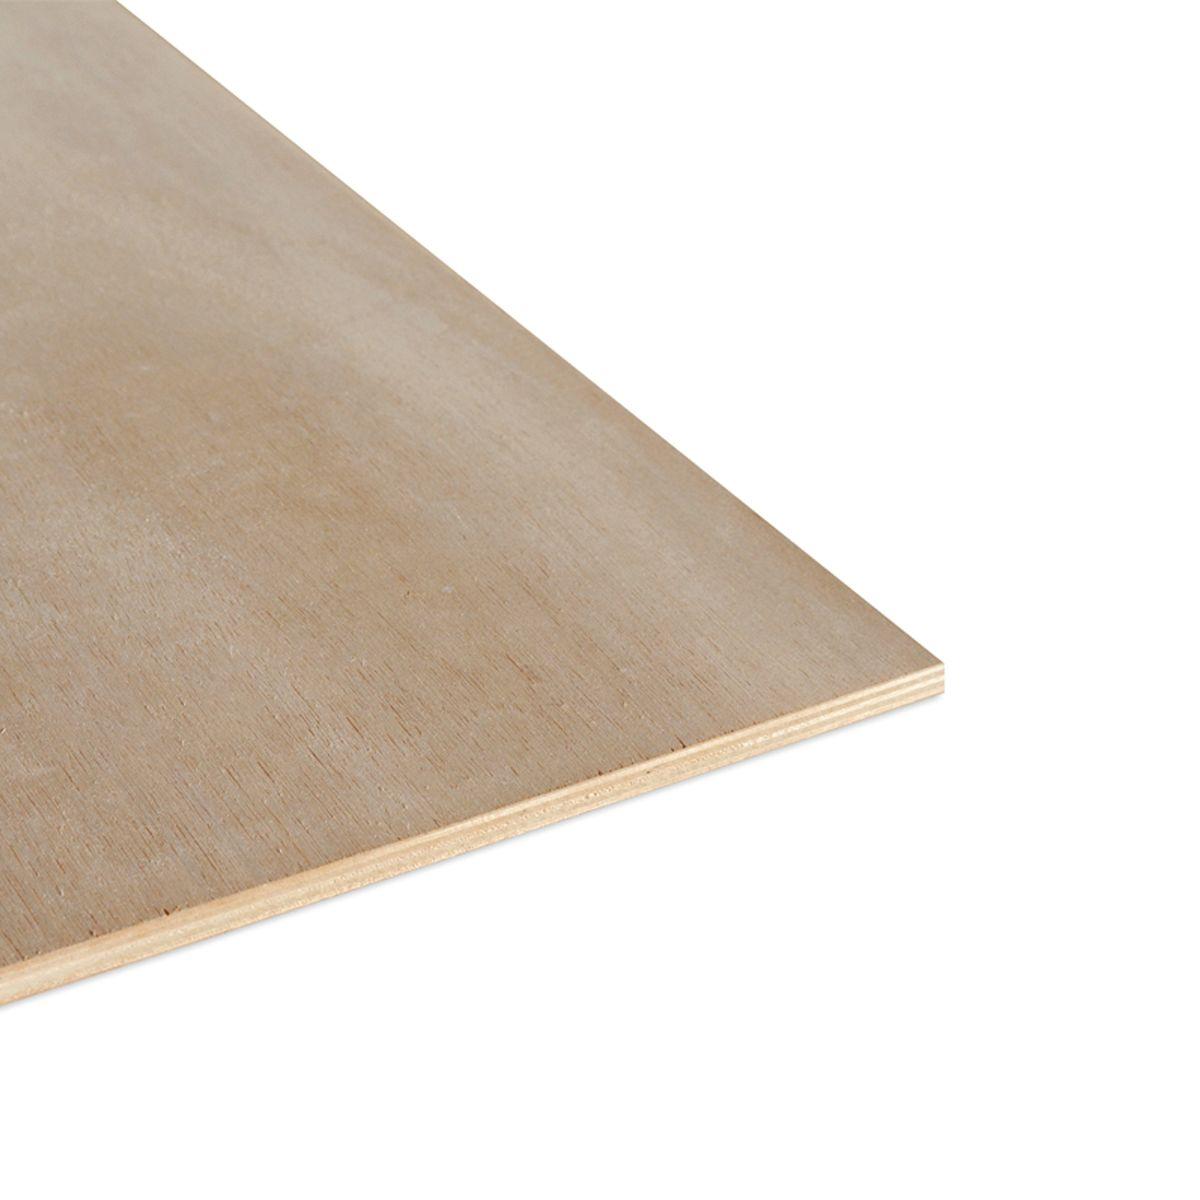 Pannello okum fibre legno 15 mm al taglio prezzi e for Leroy merlin copriwater